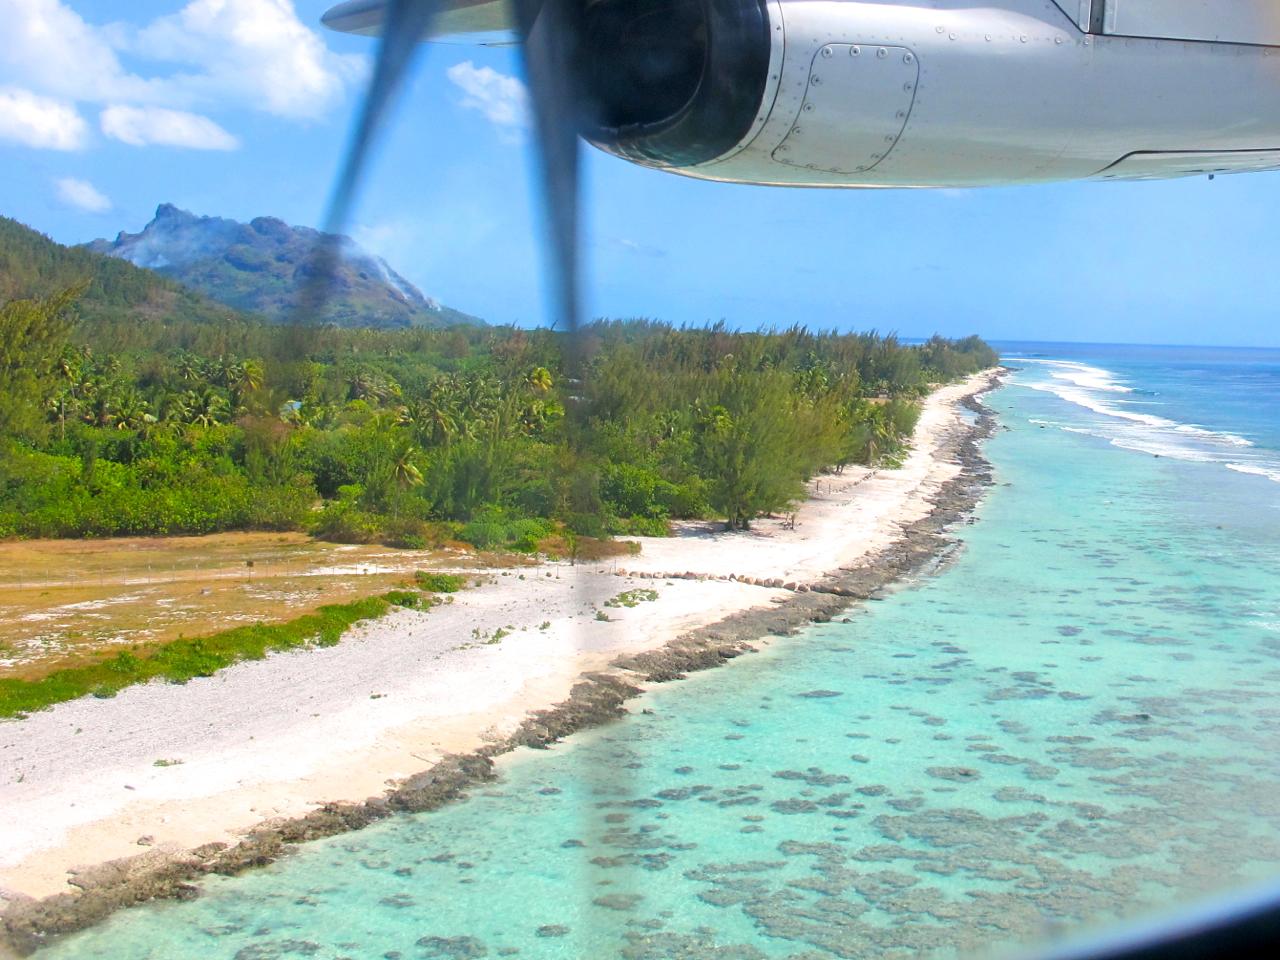 Huahine aerial photograph